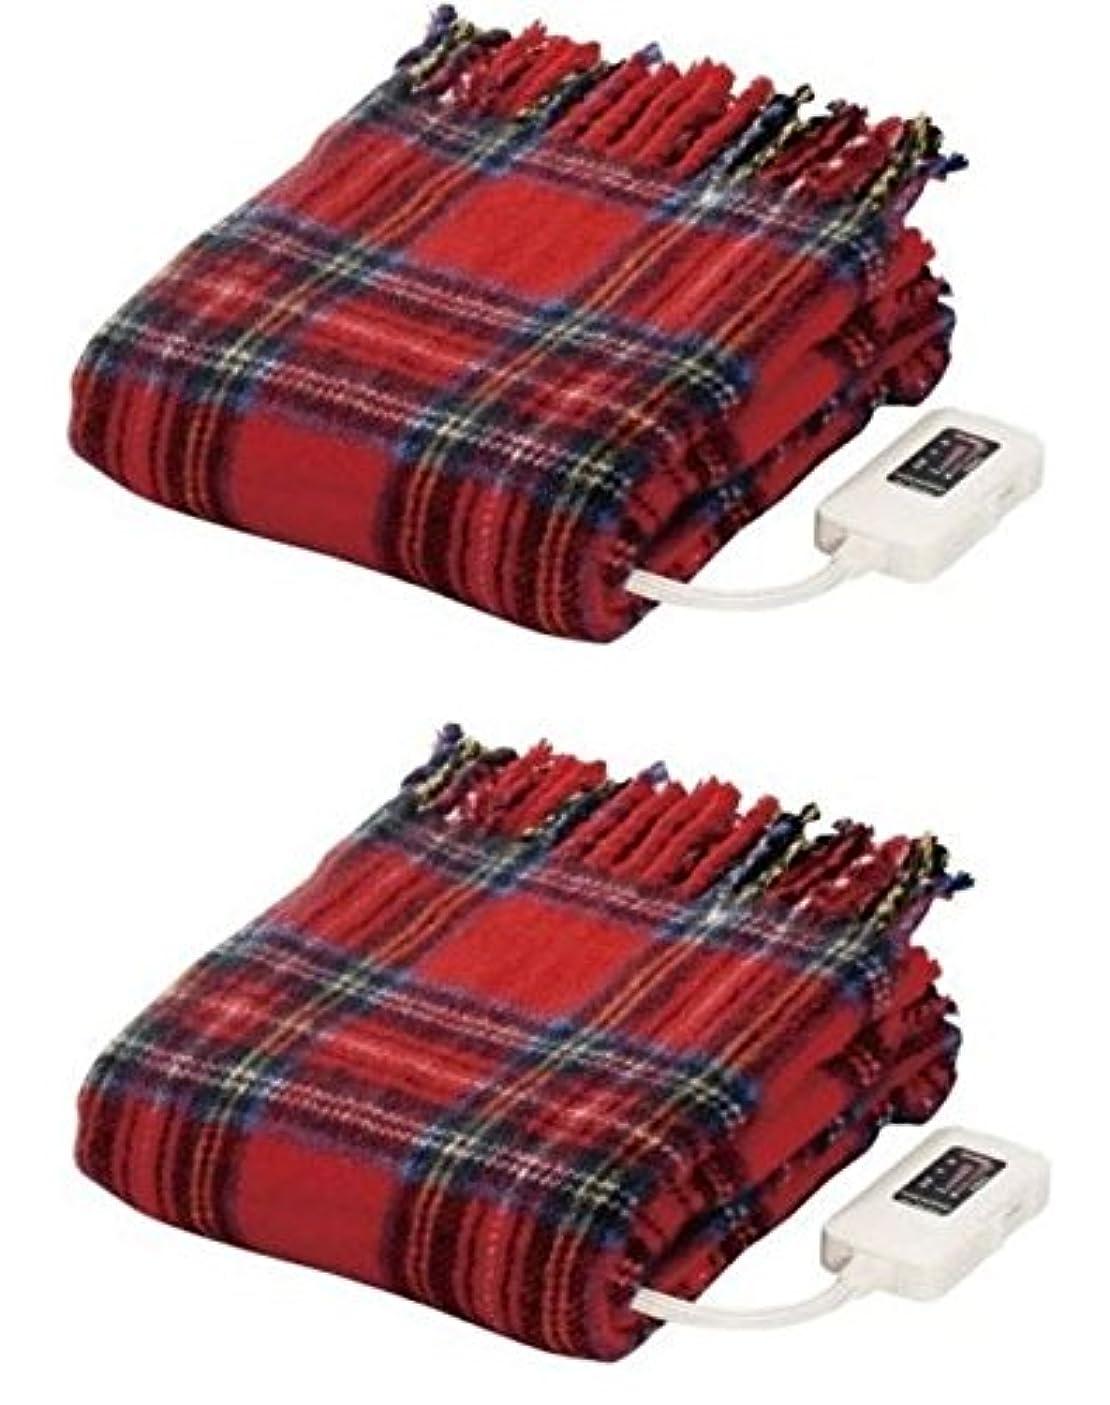 不従順コンペ混乱【 2個セット】日本製 なかぎし 電気毛布 ひざ掛け 140 × 82cm NA-055H-RT 赤 レッド [NA-052Hの新モデル] ナカギシ ホットブランケット